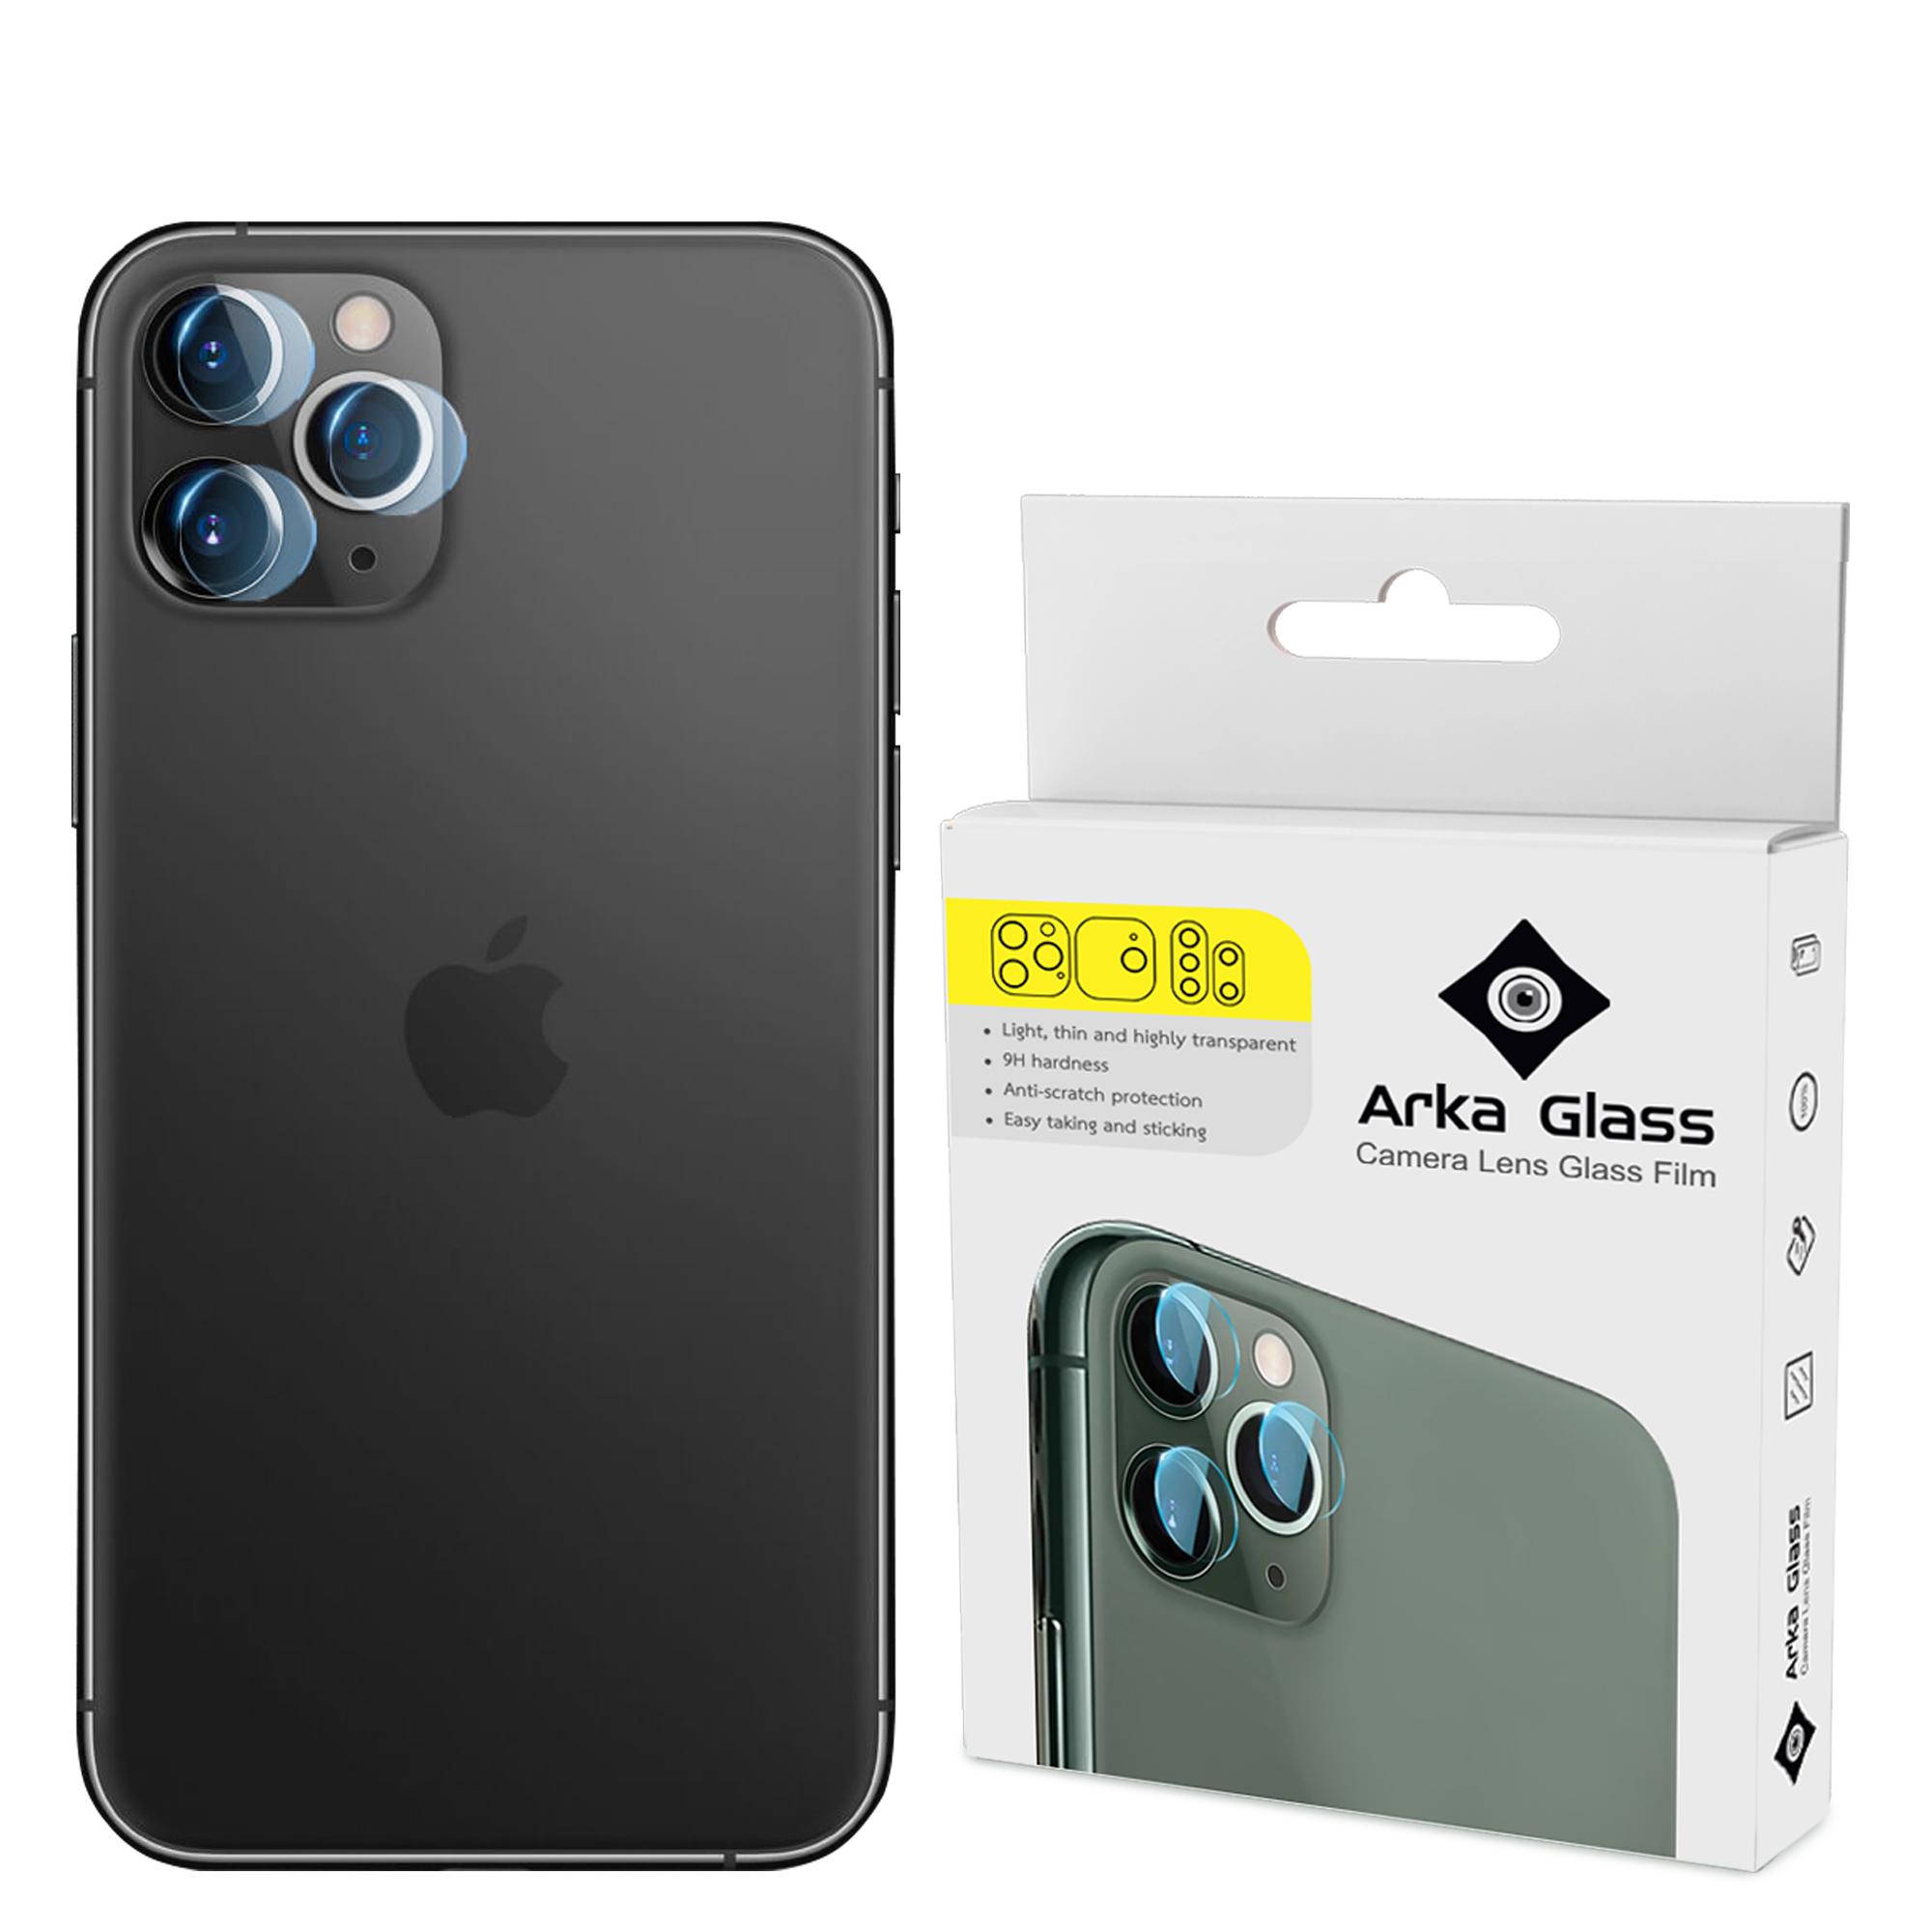 محافظ لنز دوربین آرکا گلس مدل GLA مناسب برای گوشی موبایل اپل IPHONE 11 PRO MAX